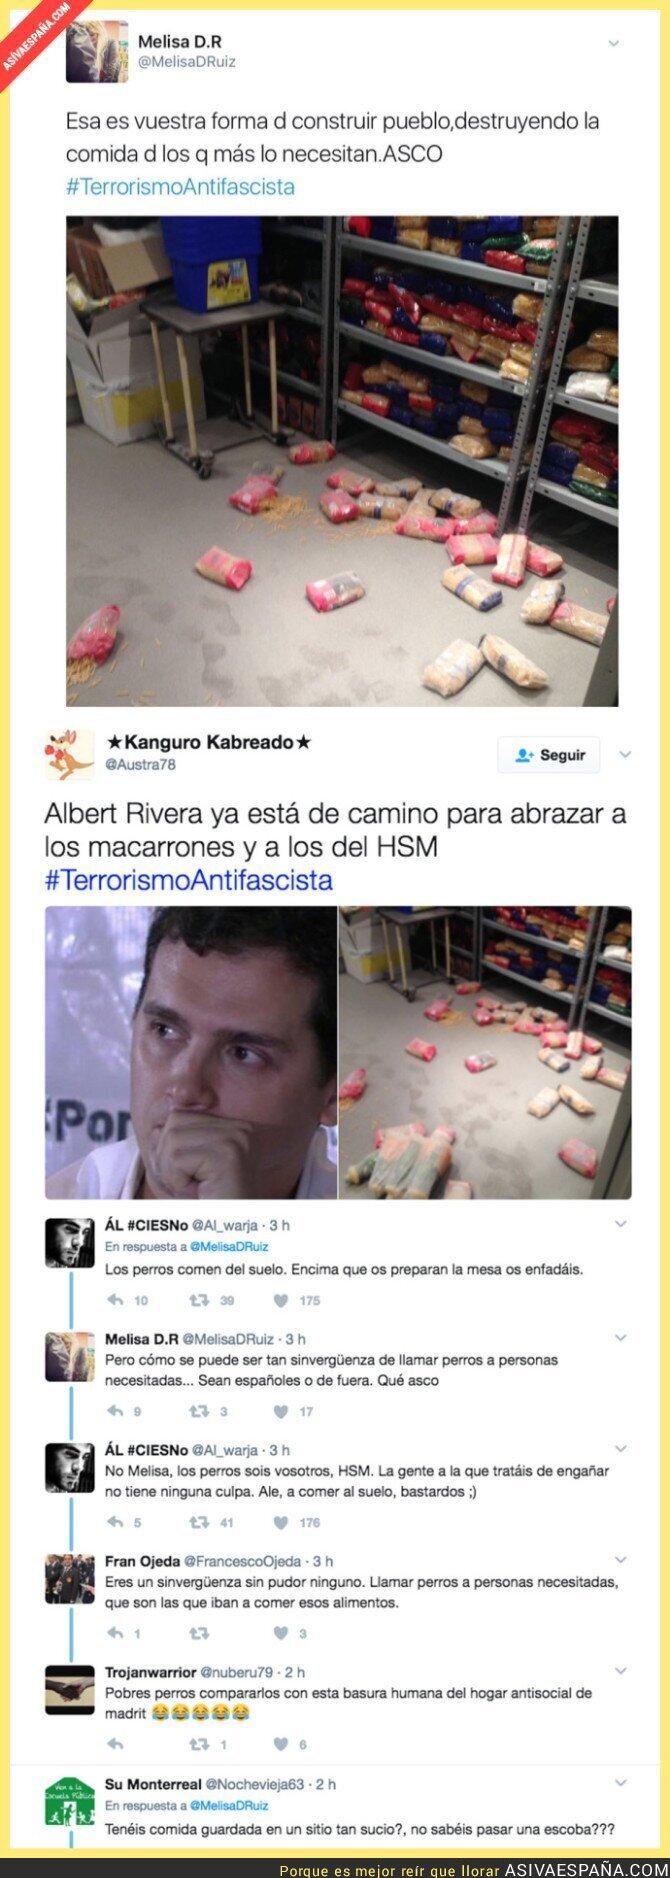 67220 - A los de Hogar Social Madrid se les cae la compra al suelo y crean un escándalo antifascista